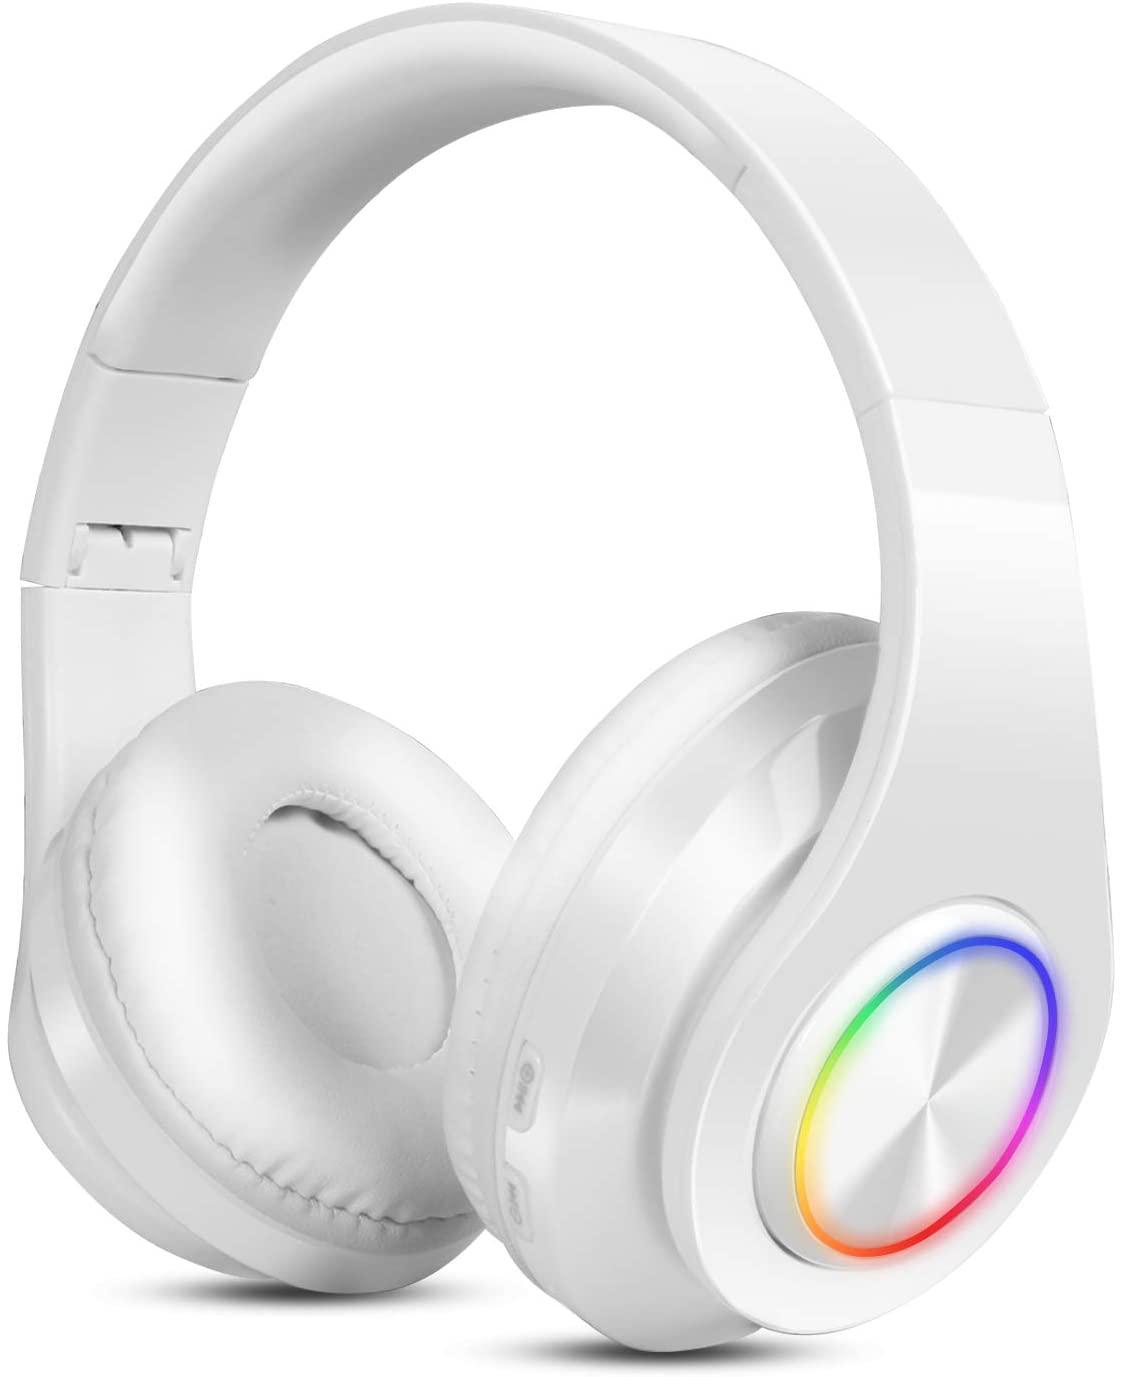 Auriculares RGB inalámbricos solo 5.1€